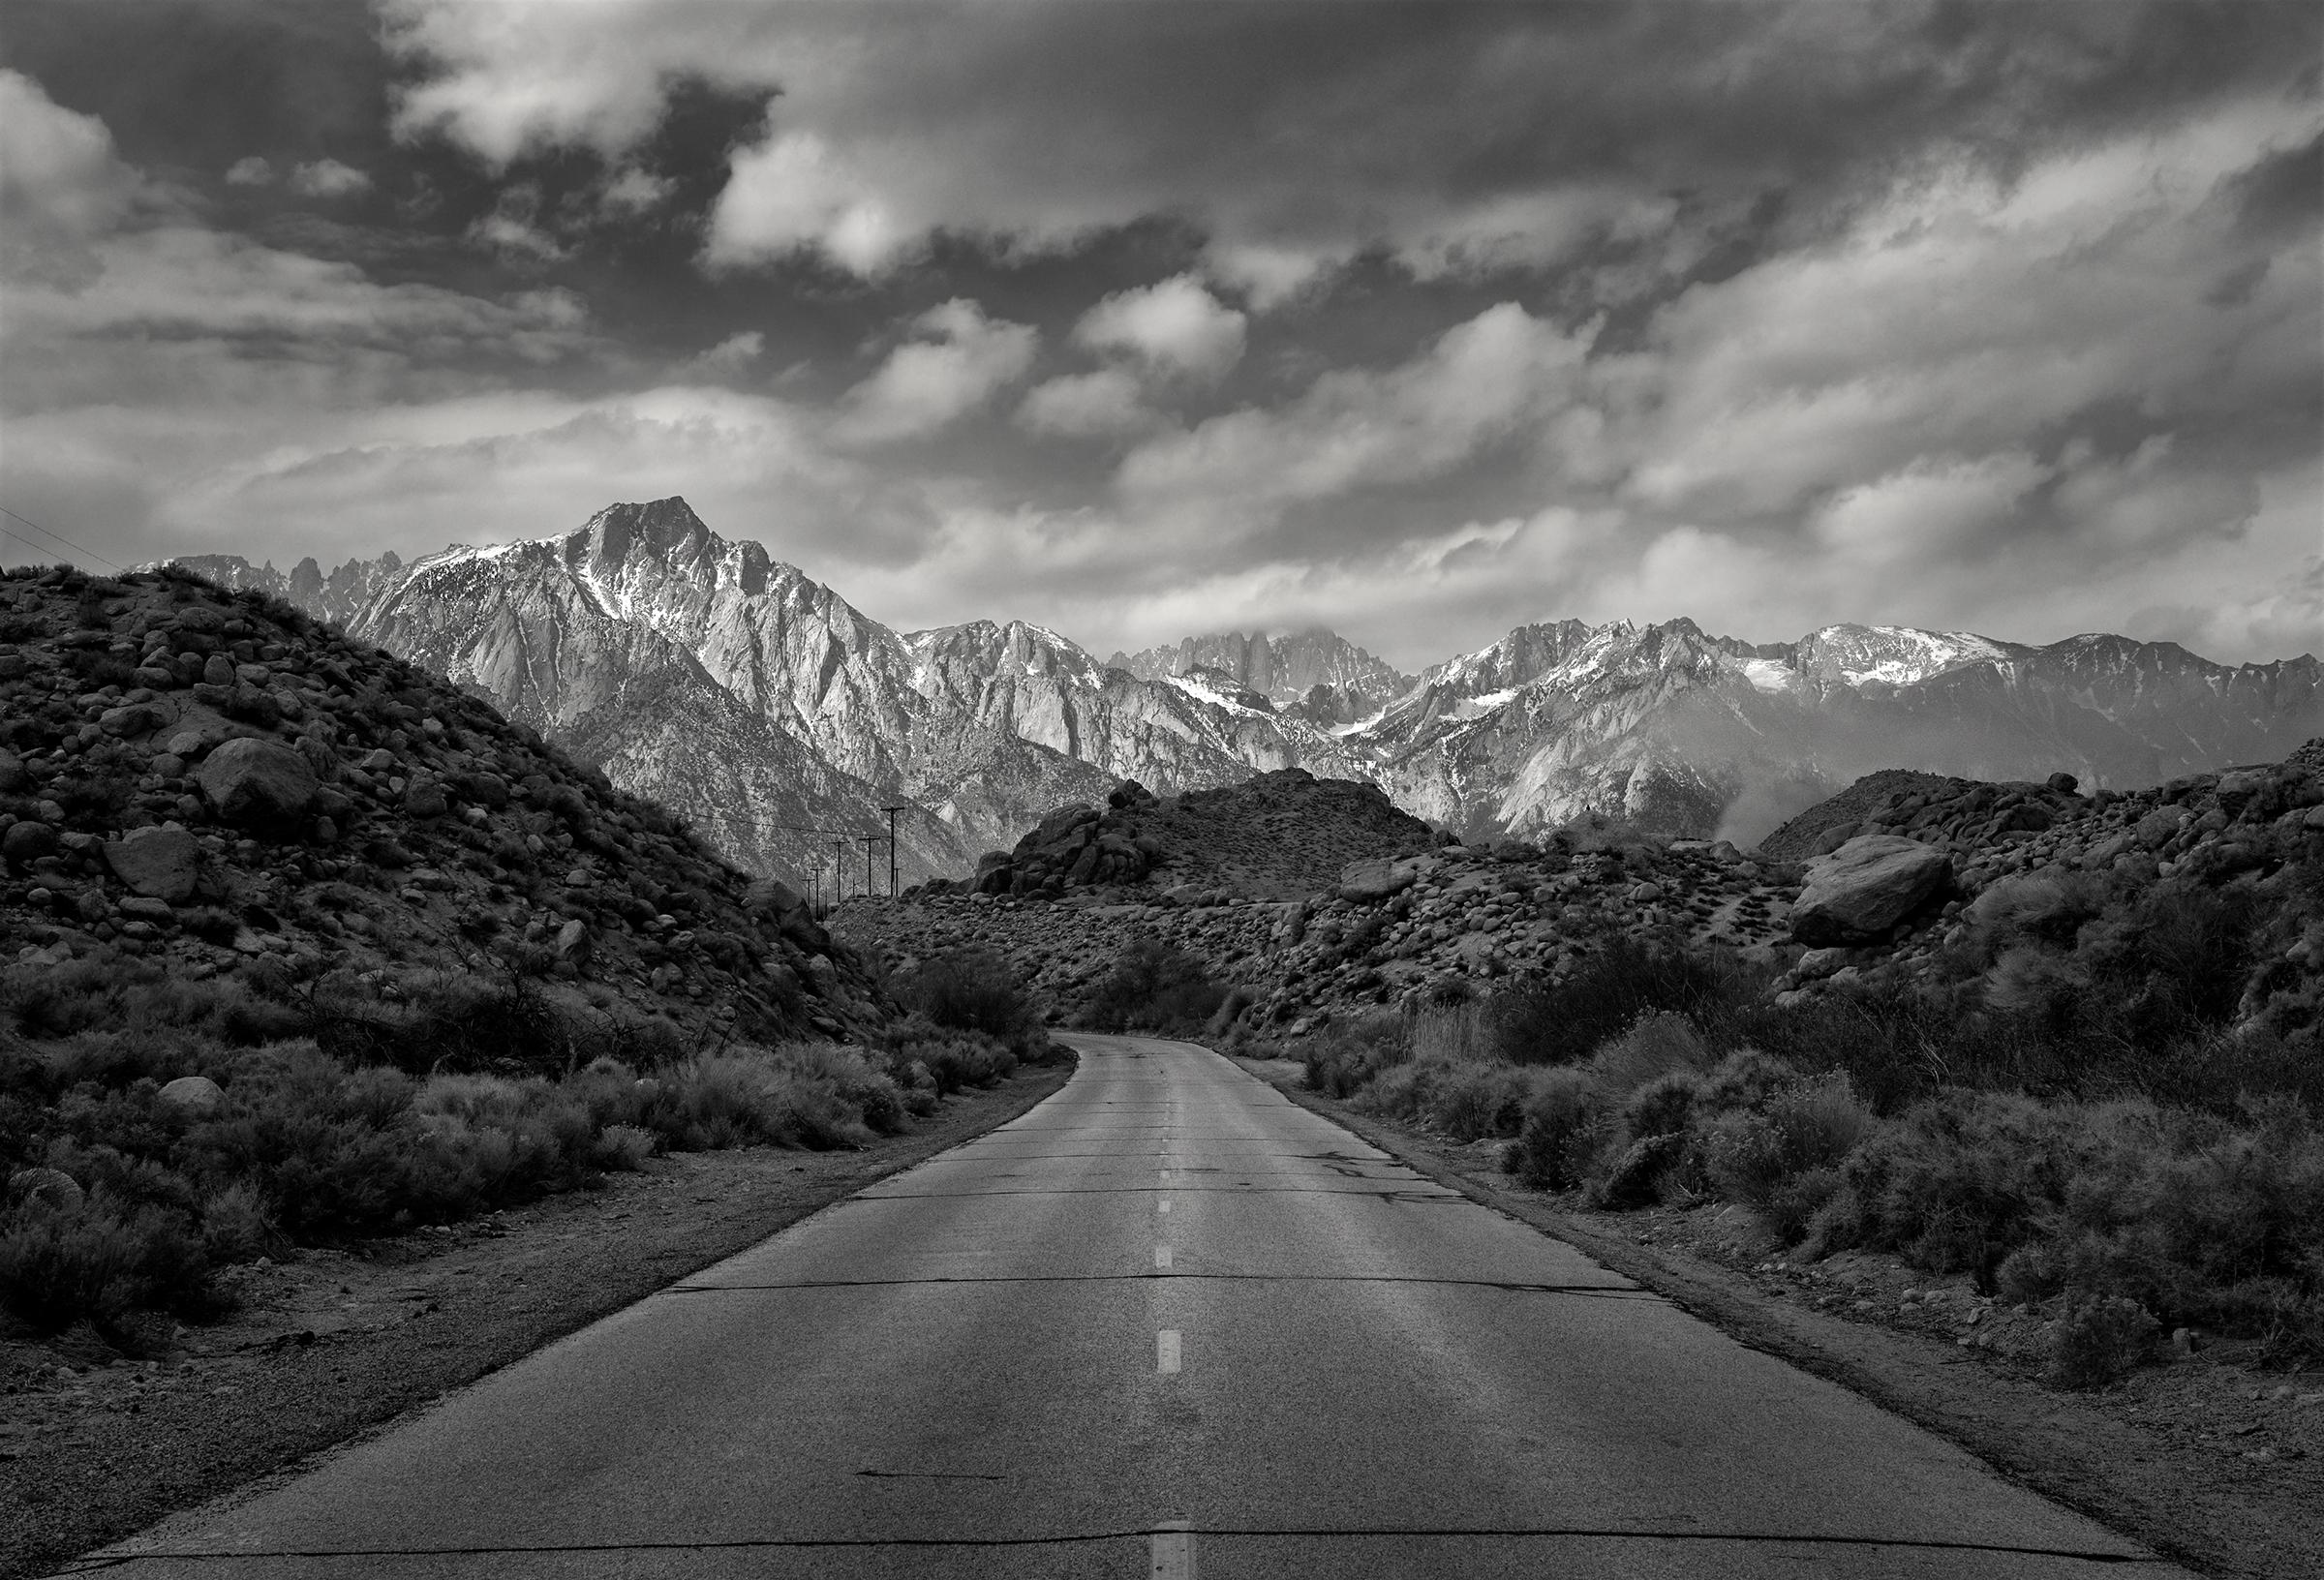 DSC_1648-Edit nwe road 2016_6.jpg